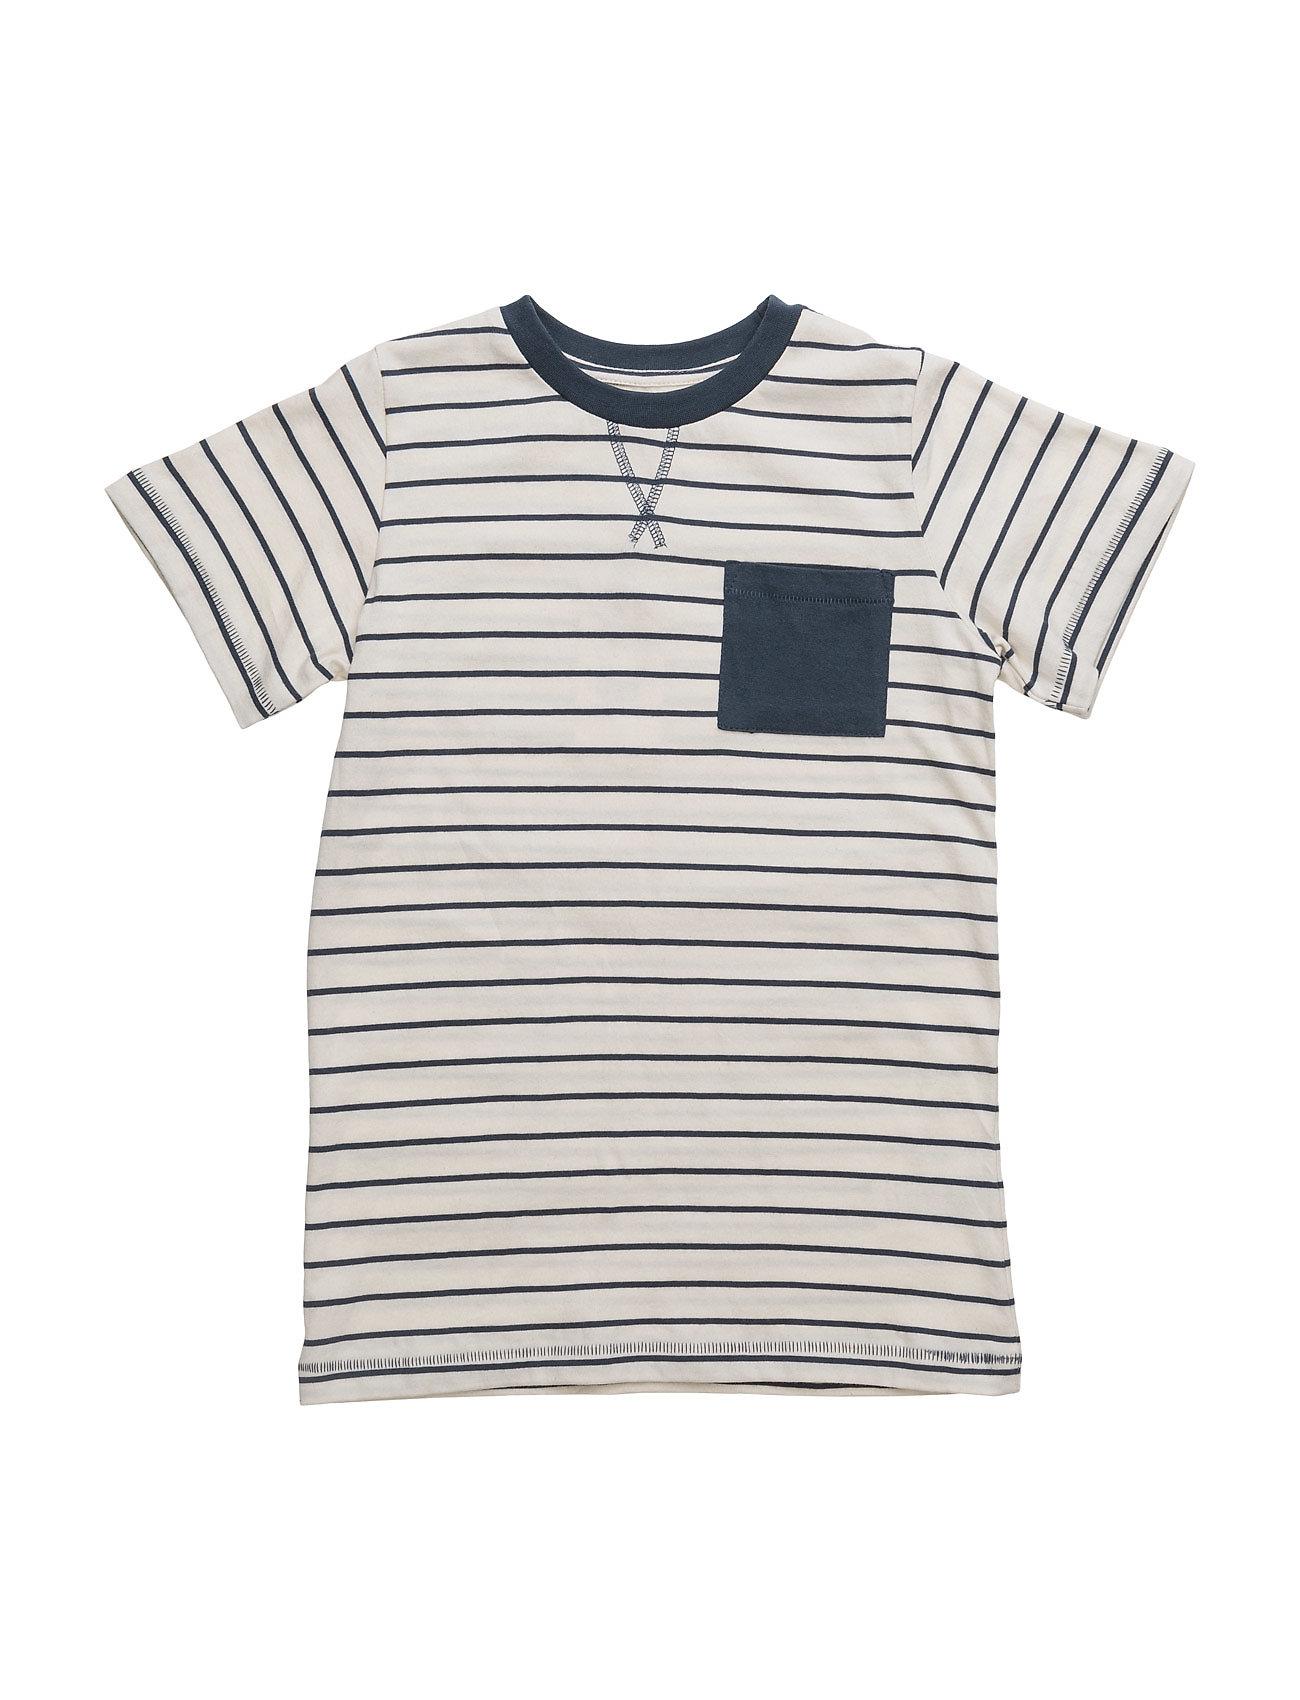 Aske, Mk T-Shirt Ss Mini A Ture Kortærmede t-shirts til Børn i